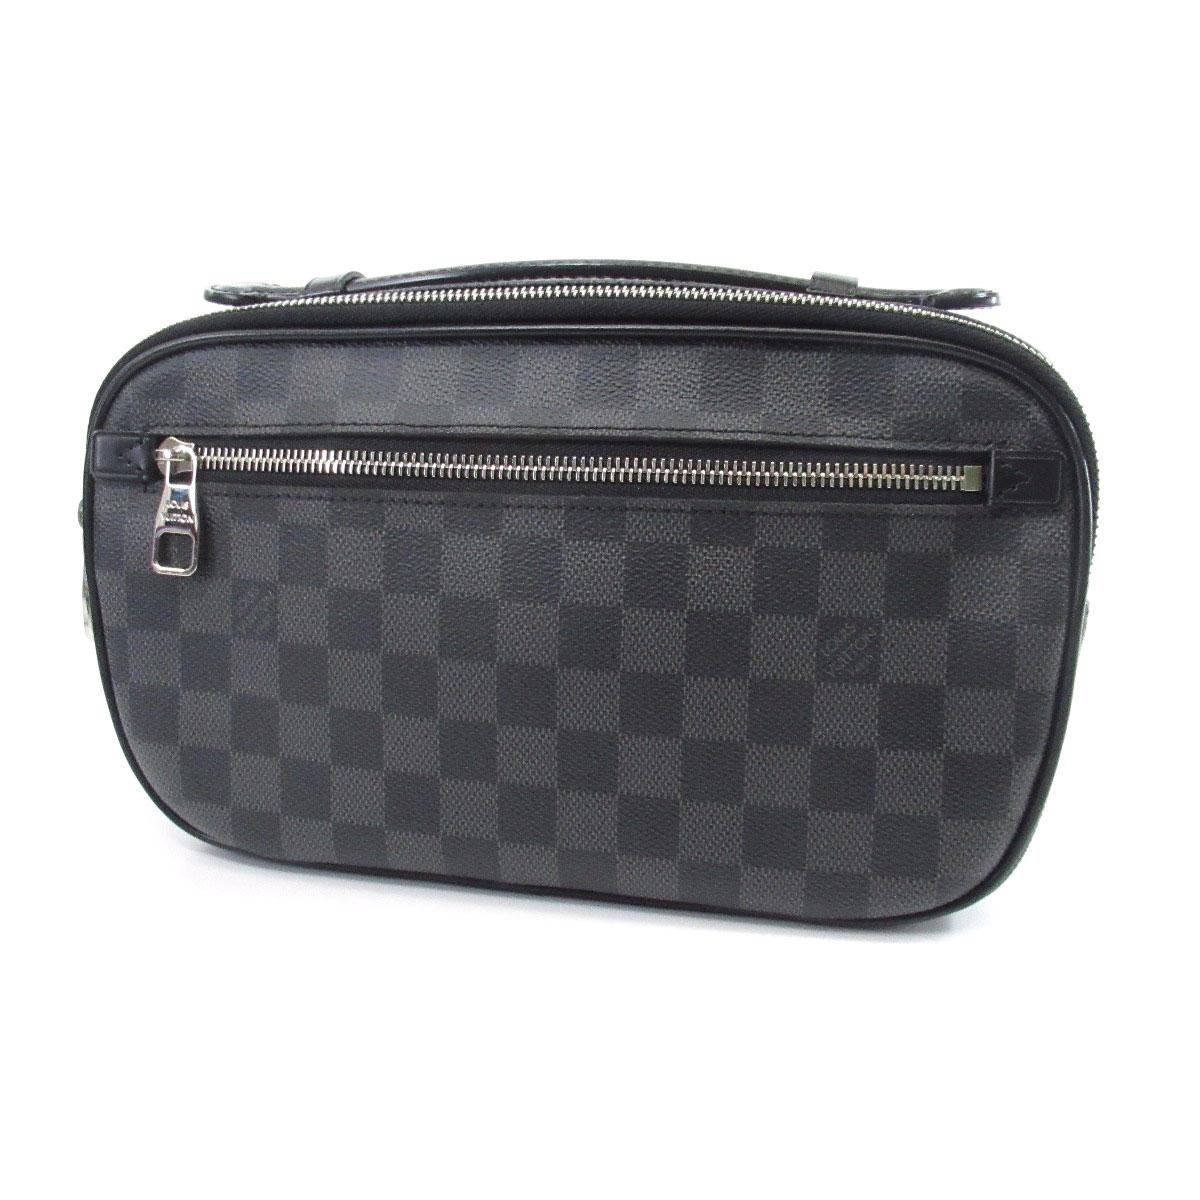 efb855742f73 LOUIS VUITTON  LOUIS VUITTON  Hip bag · West bag Damier ...